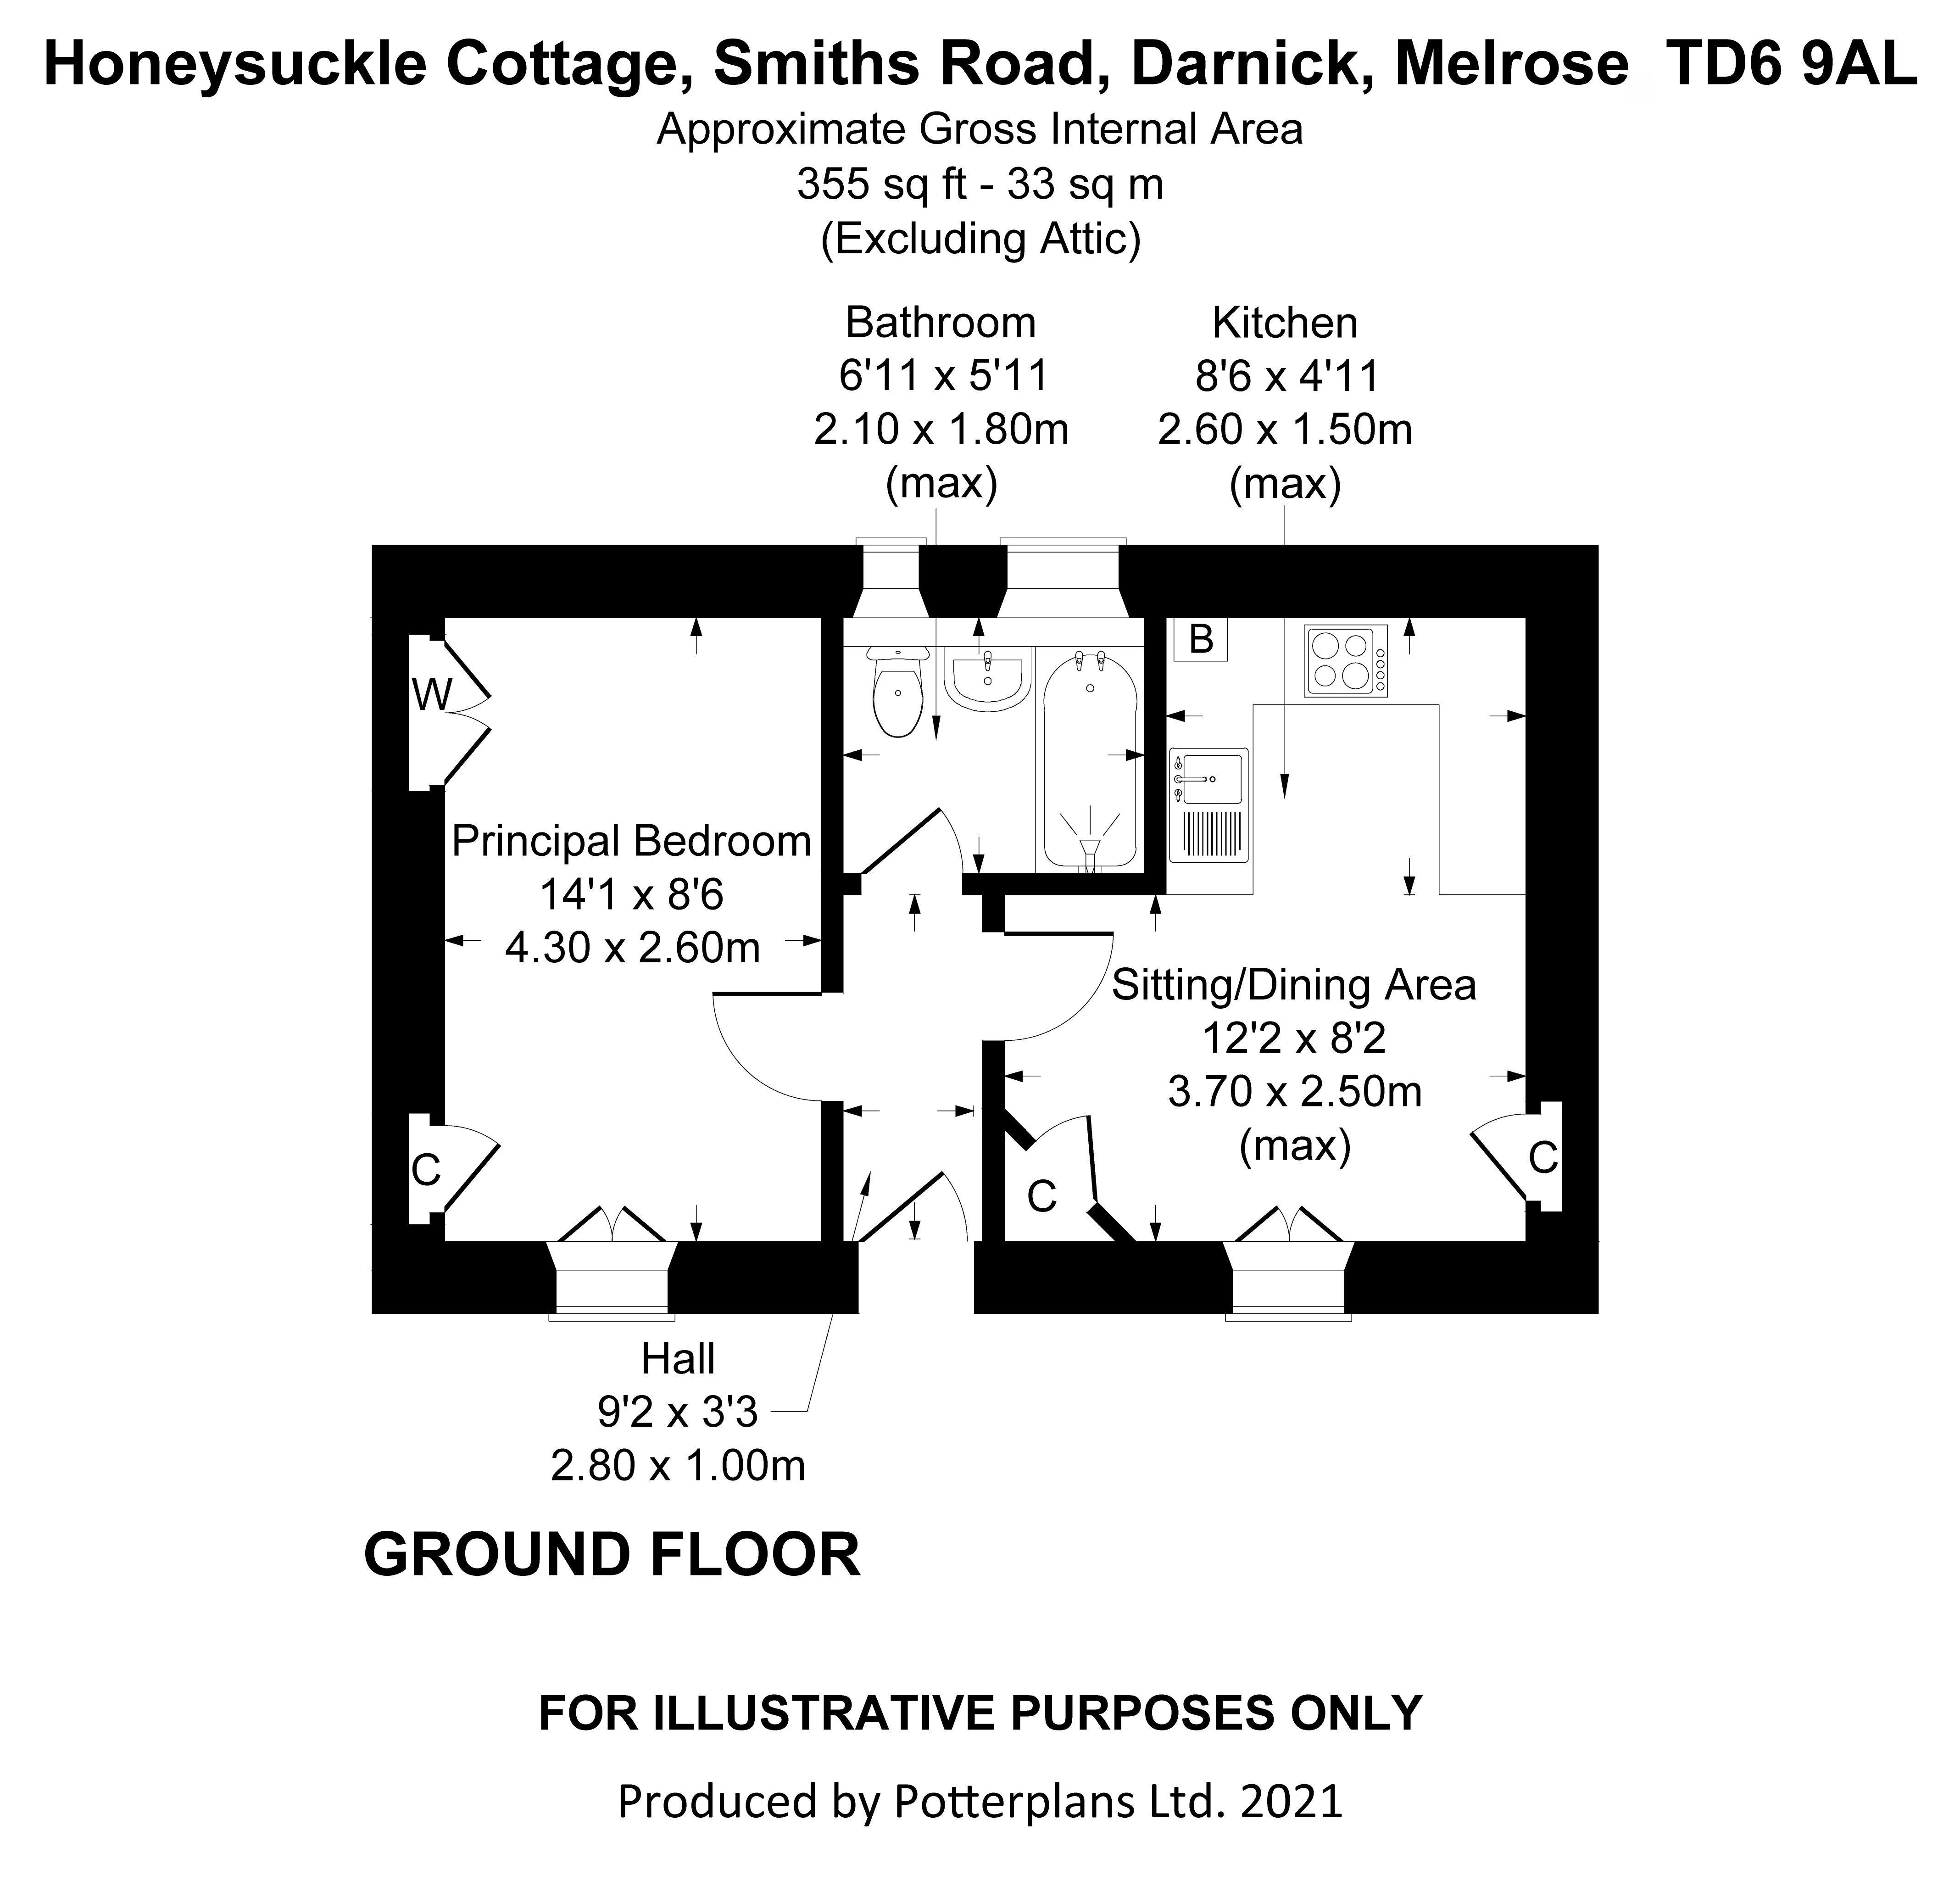 Honeysuckle Cottage Ground Floor